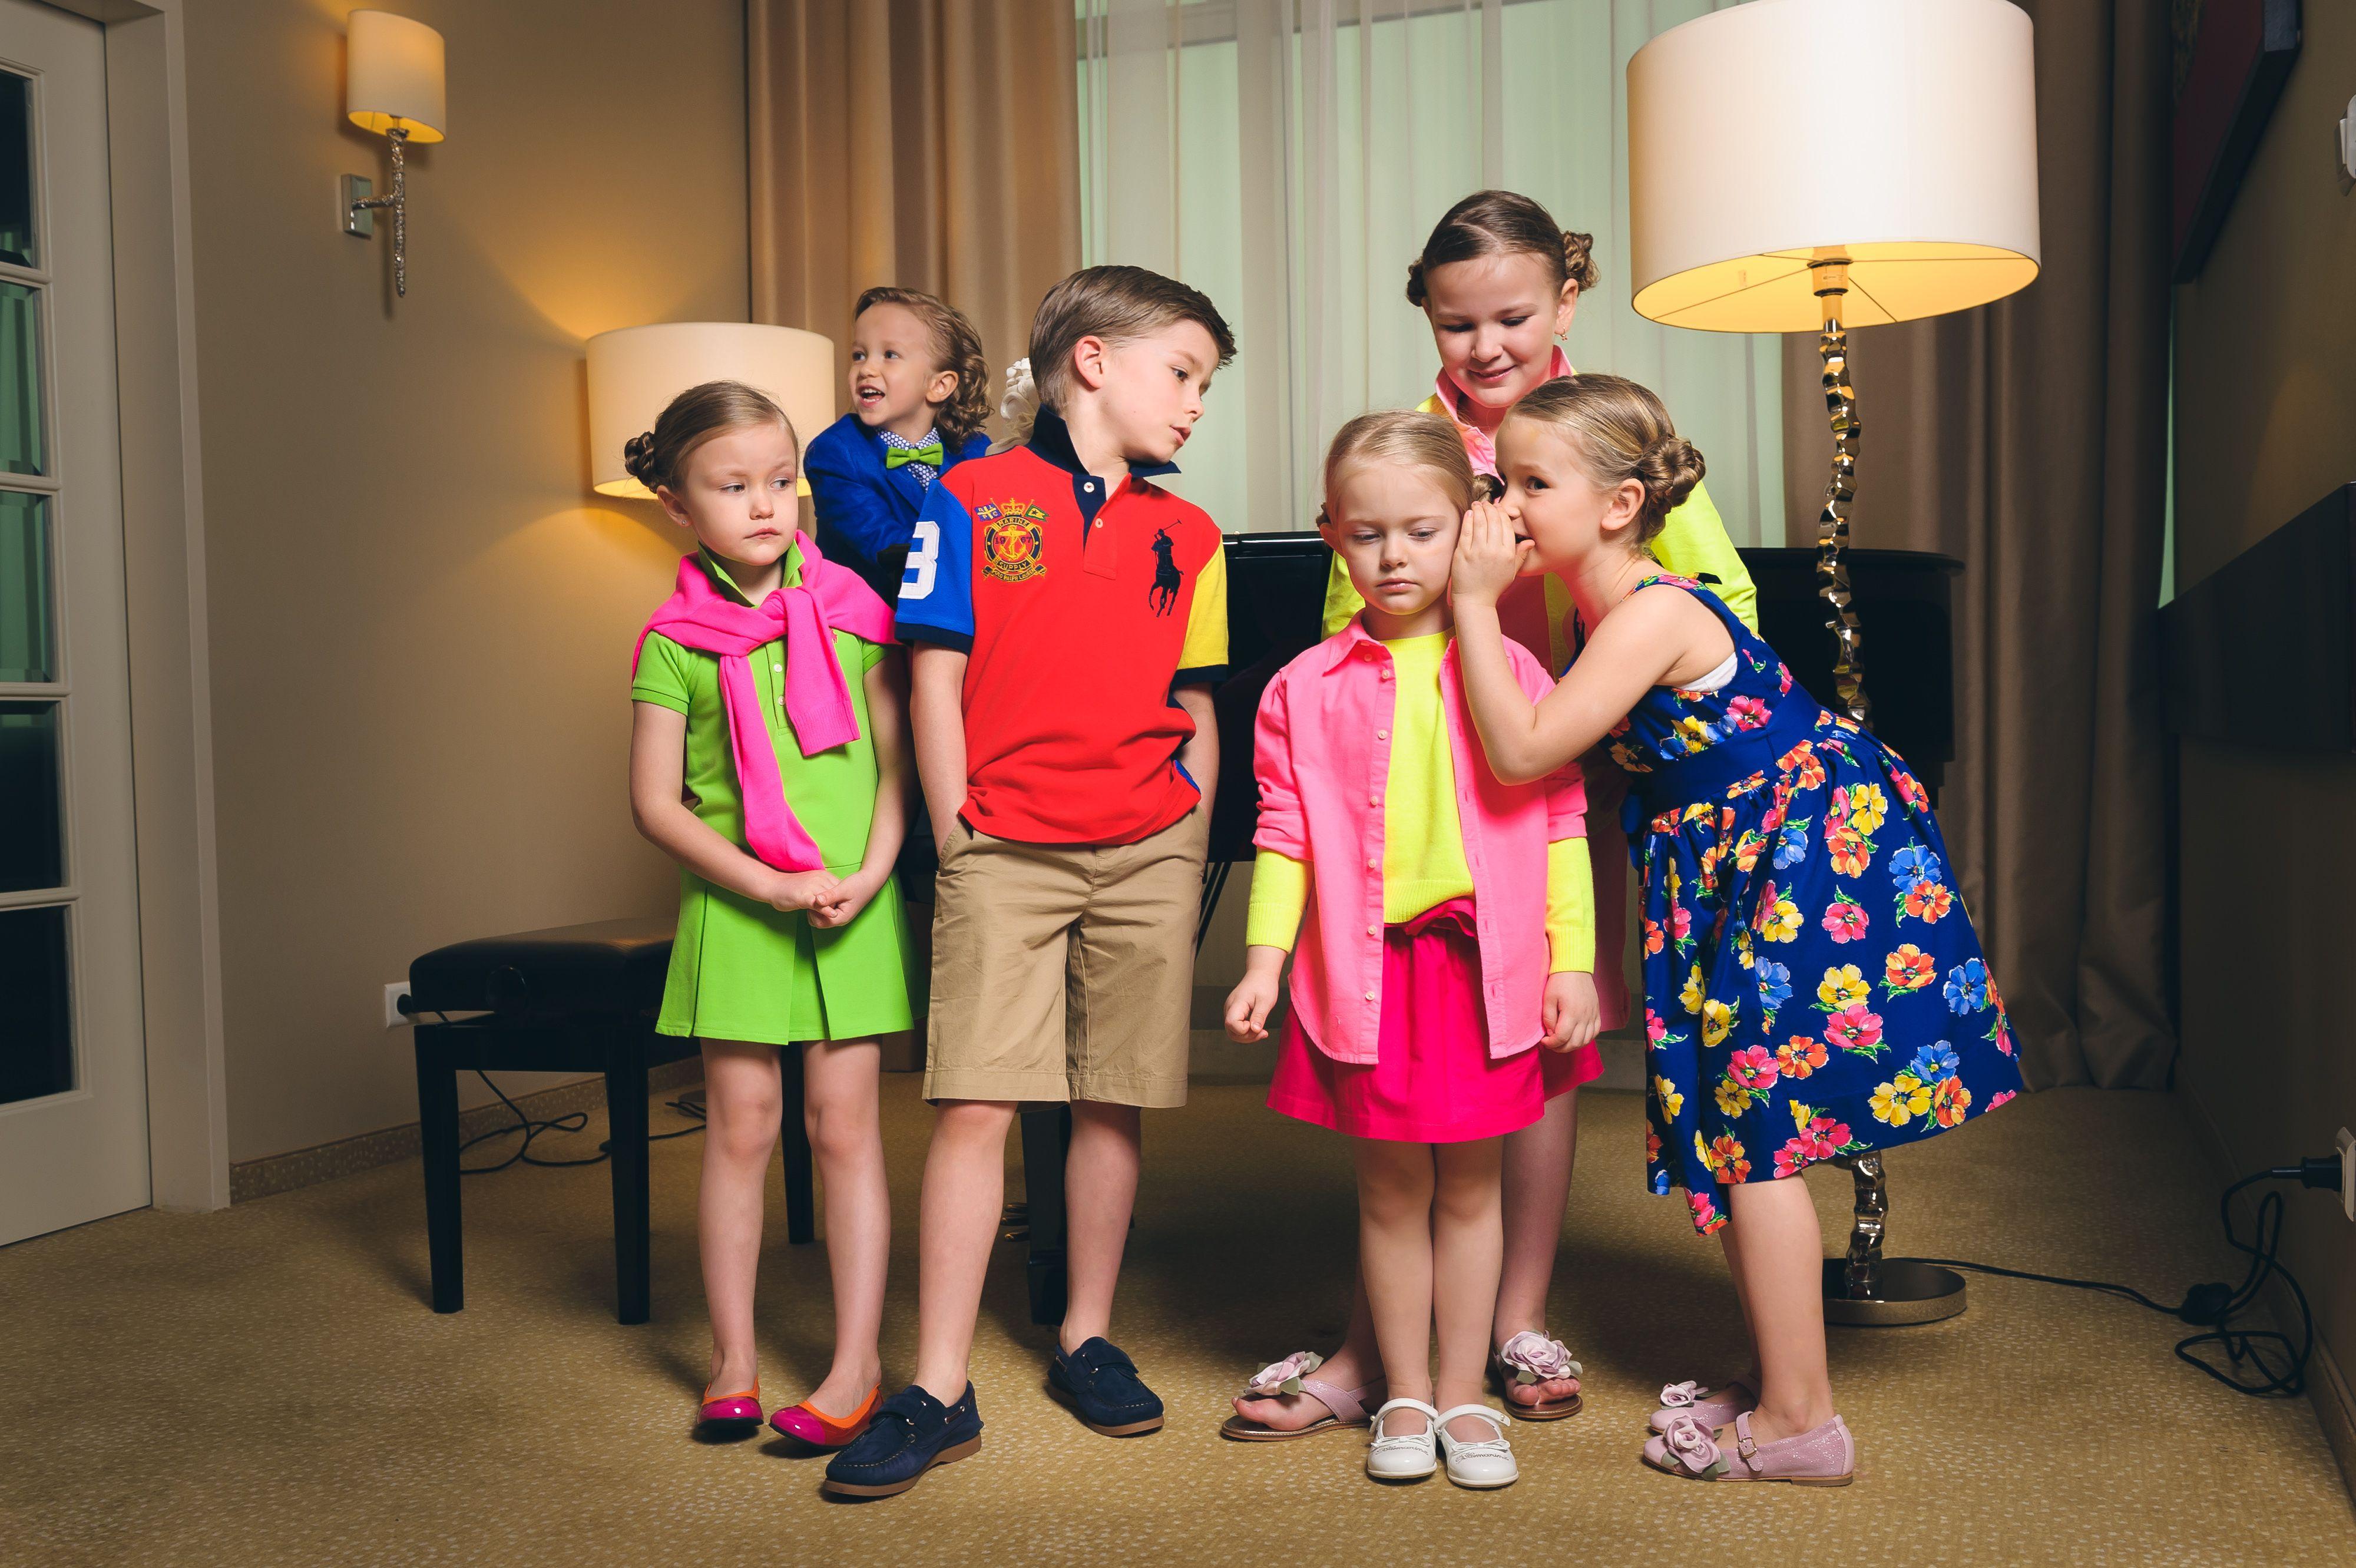 Polo Ralph Lauren Dla Dzieci Bardzo Duzy Wybor Sklep Stacjonarny Warszawa Al Jerozolimskie 65 79 Hotel Marriott Part Lily Pulitzer Dress Fashion Pulitzer Dress